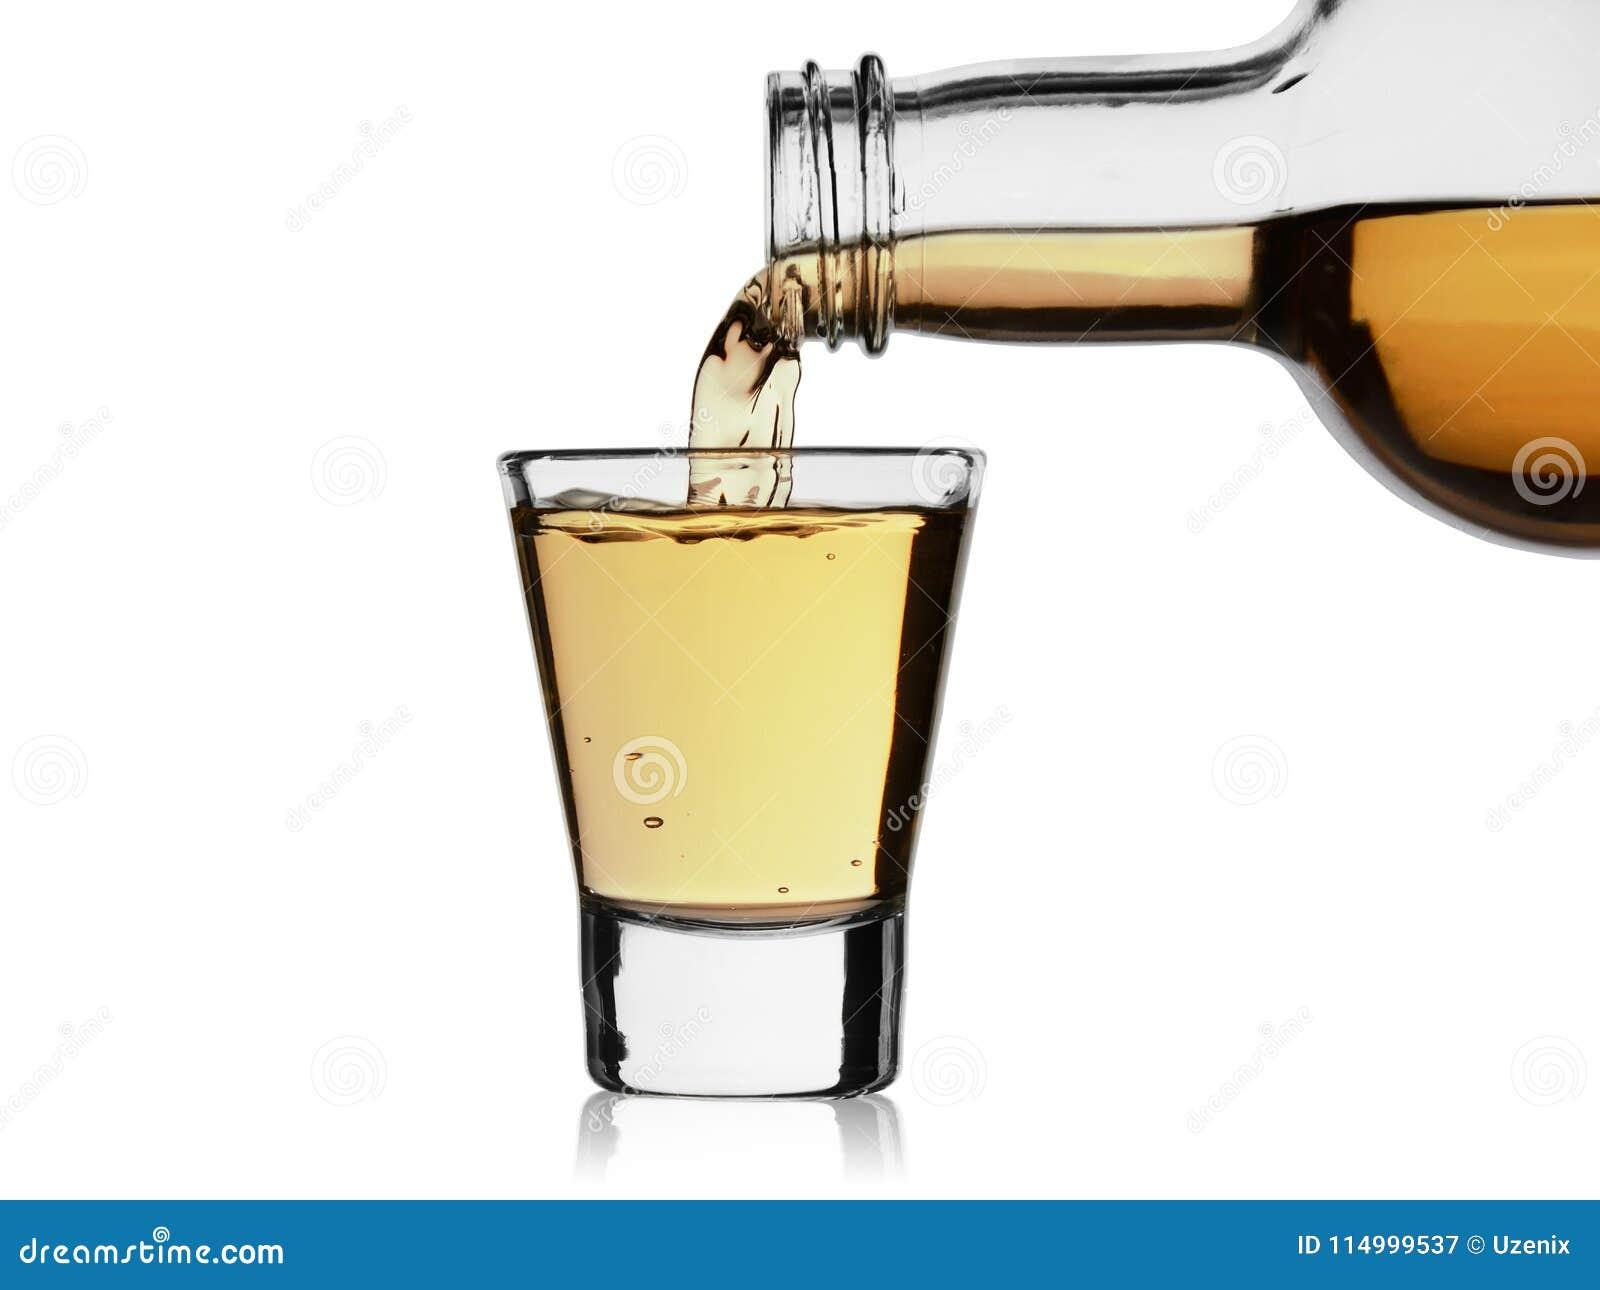 La bebida alcohólica vierte de una botella en un vidrio, aislado en un fondo blanco